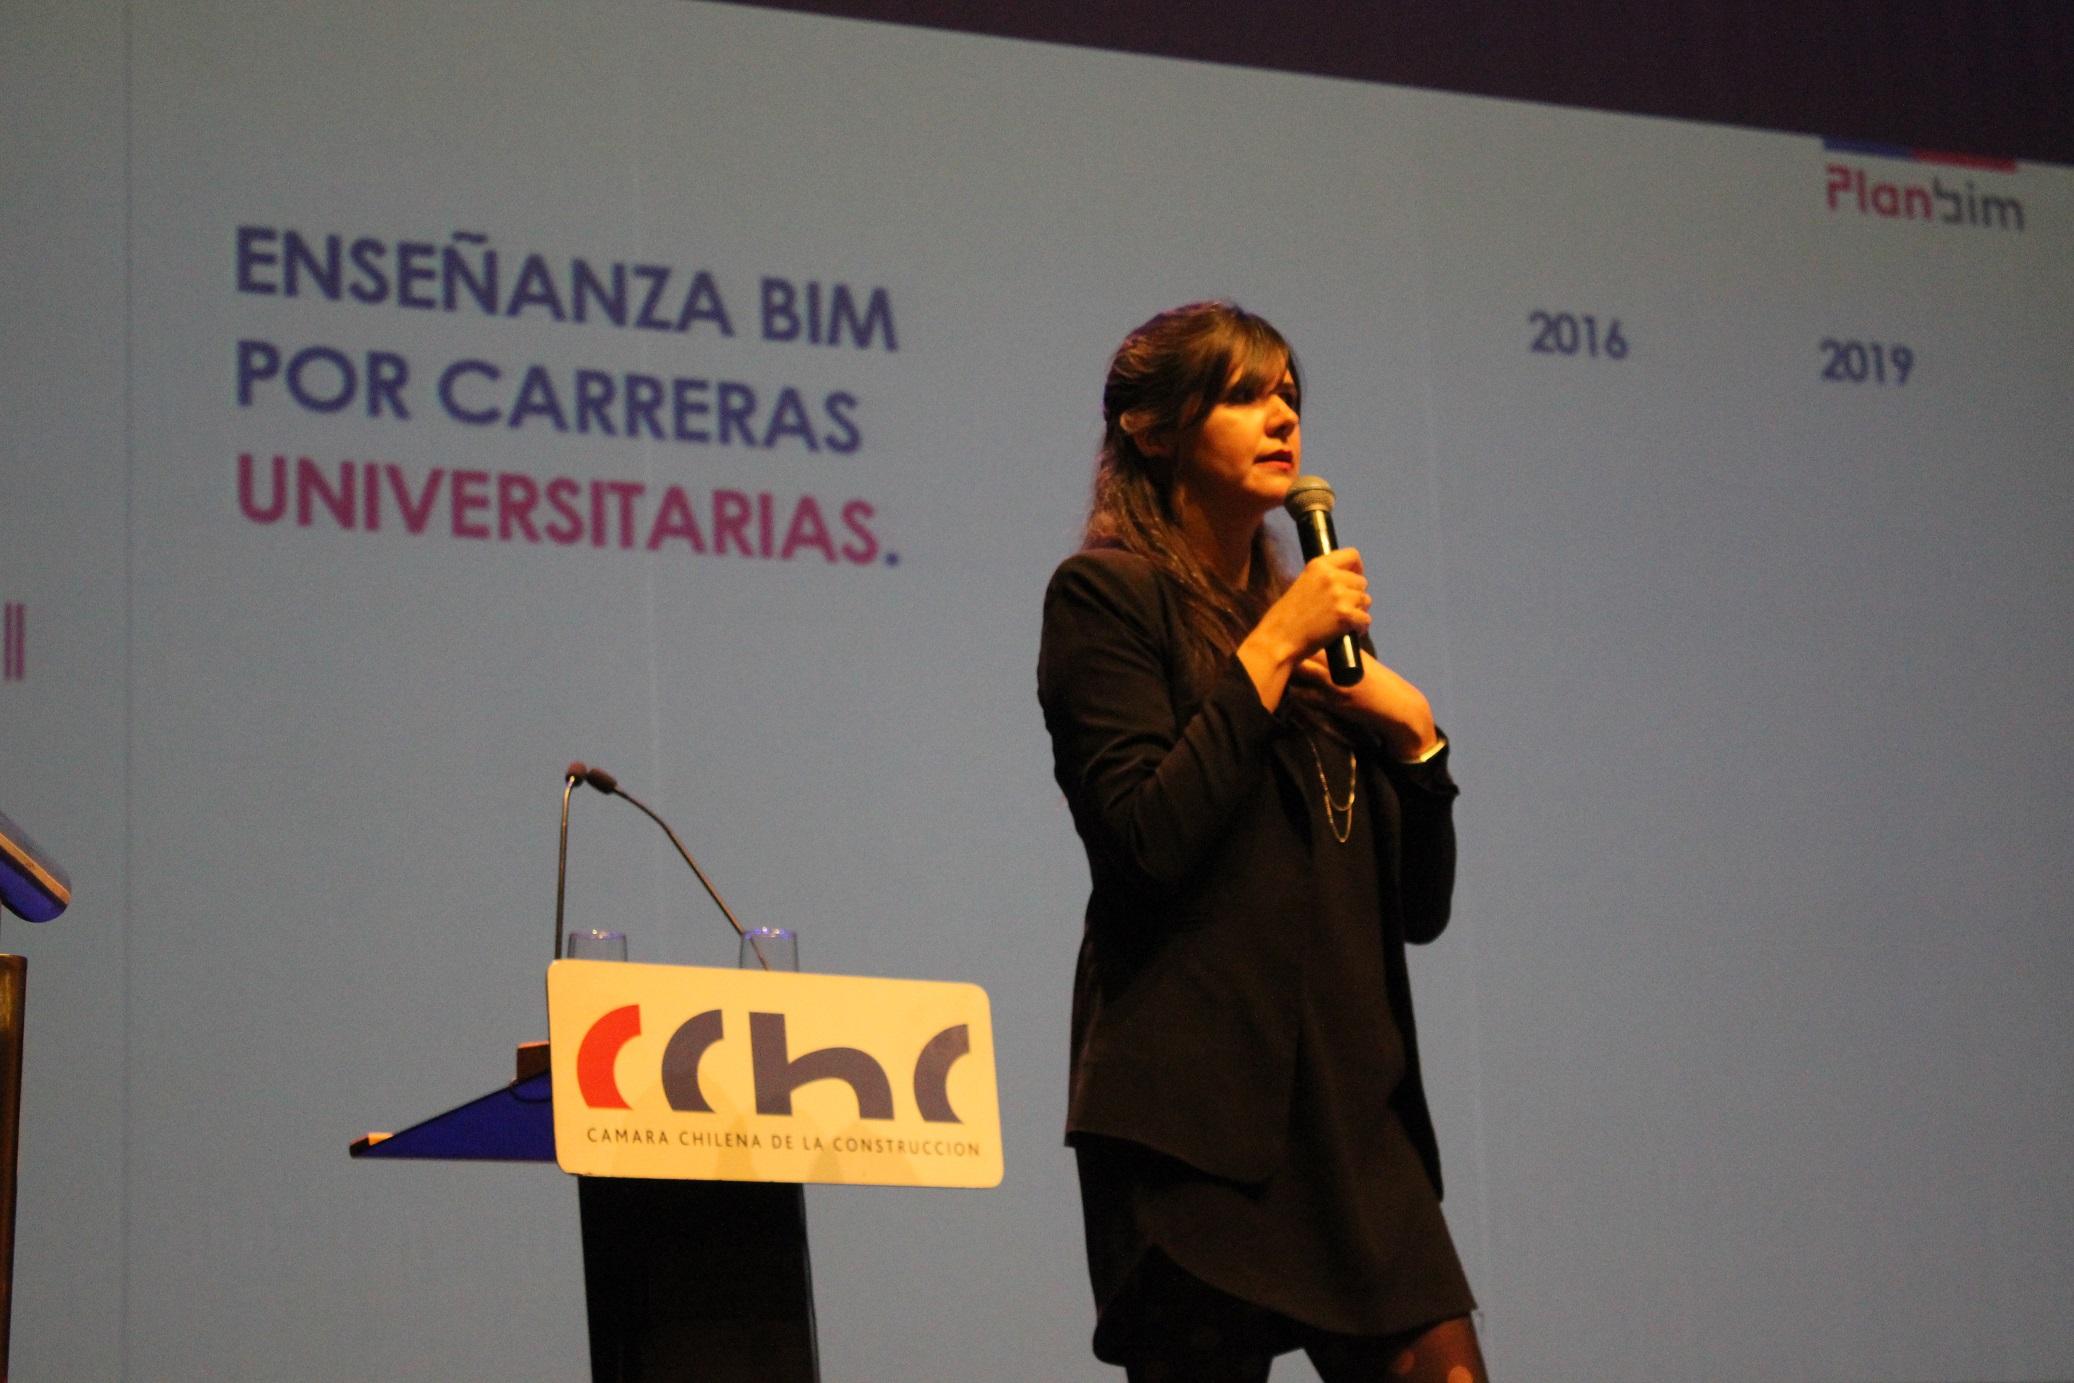 CChC Chillán desarrolló seminario BIM: nueva plataforma para el sector construcción noticias